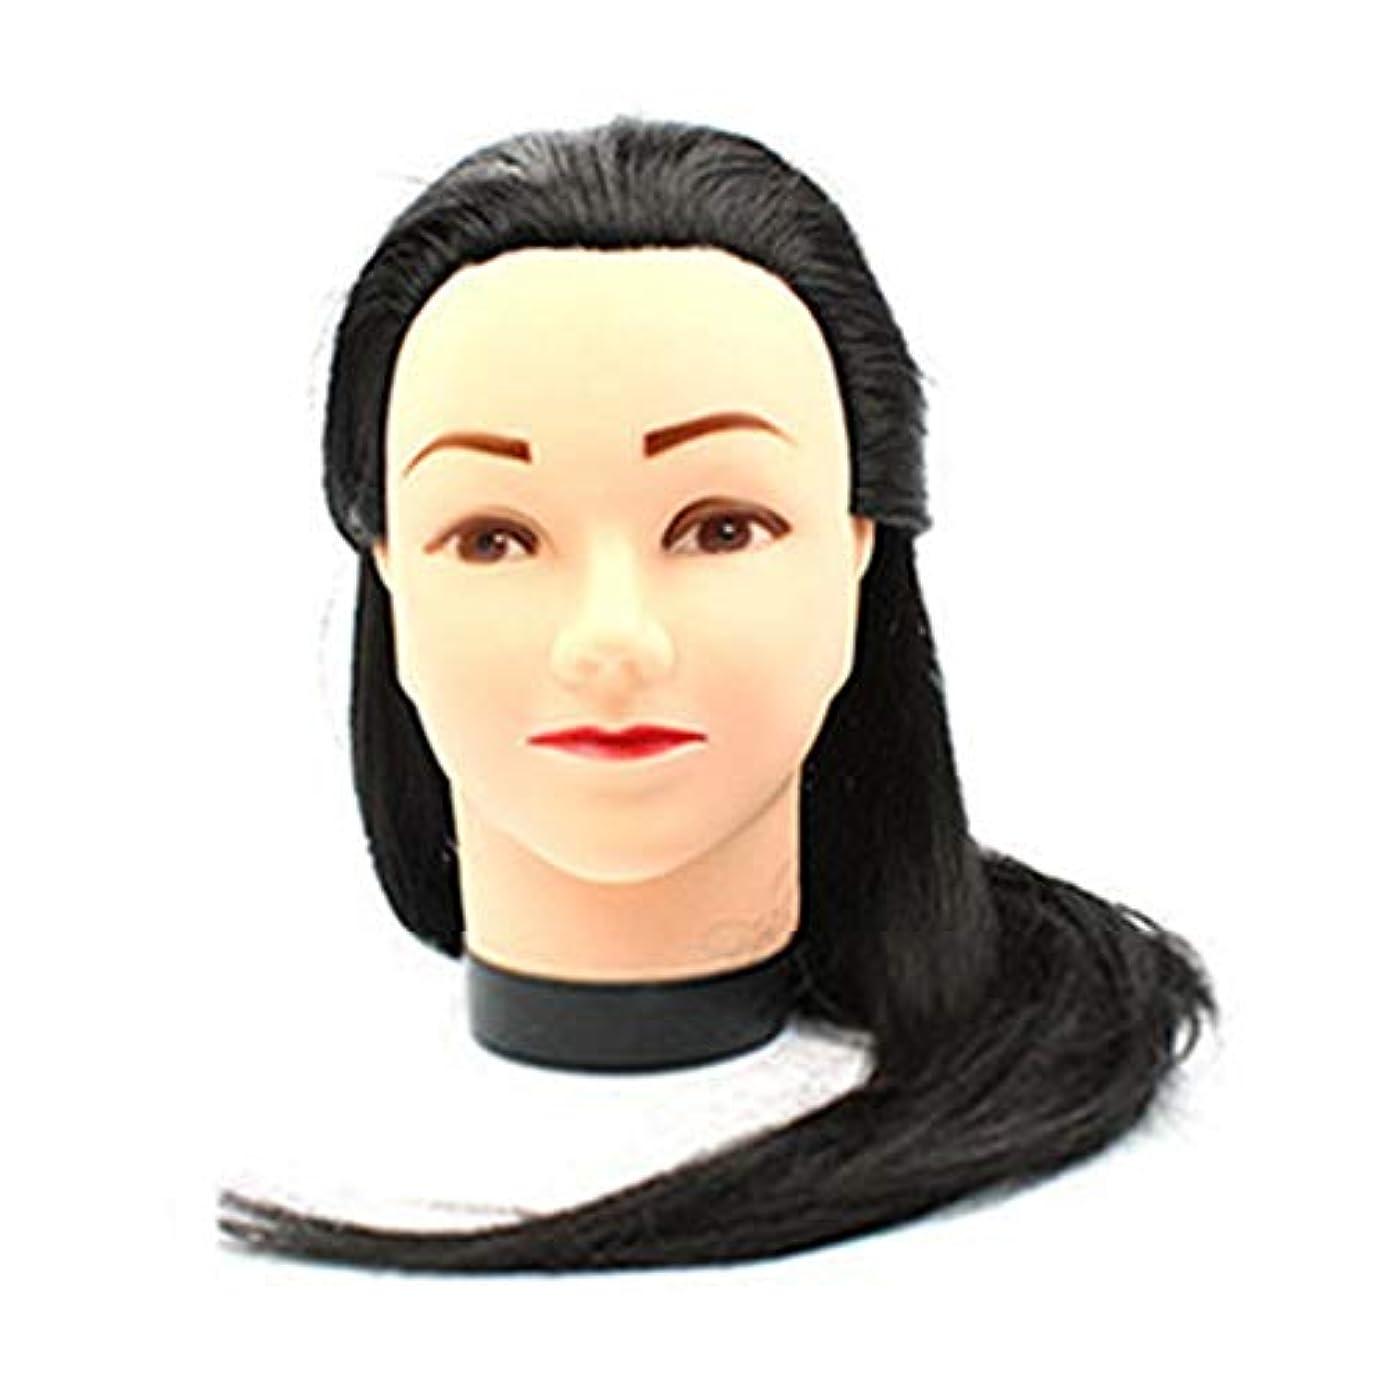 愛国的なアレンジライター低温繊維かつらヘッドモールドメイクヘアスタイリングヘッドヘアーサロントレーニング学習ヘアカットデュアルユースダミー人間の頭